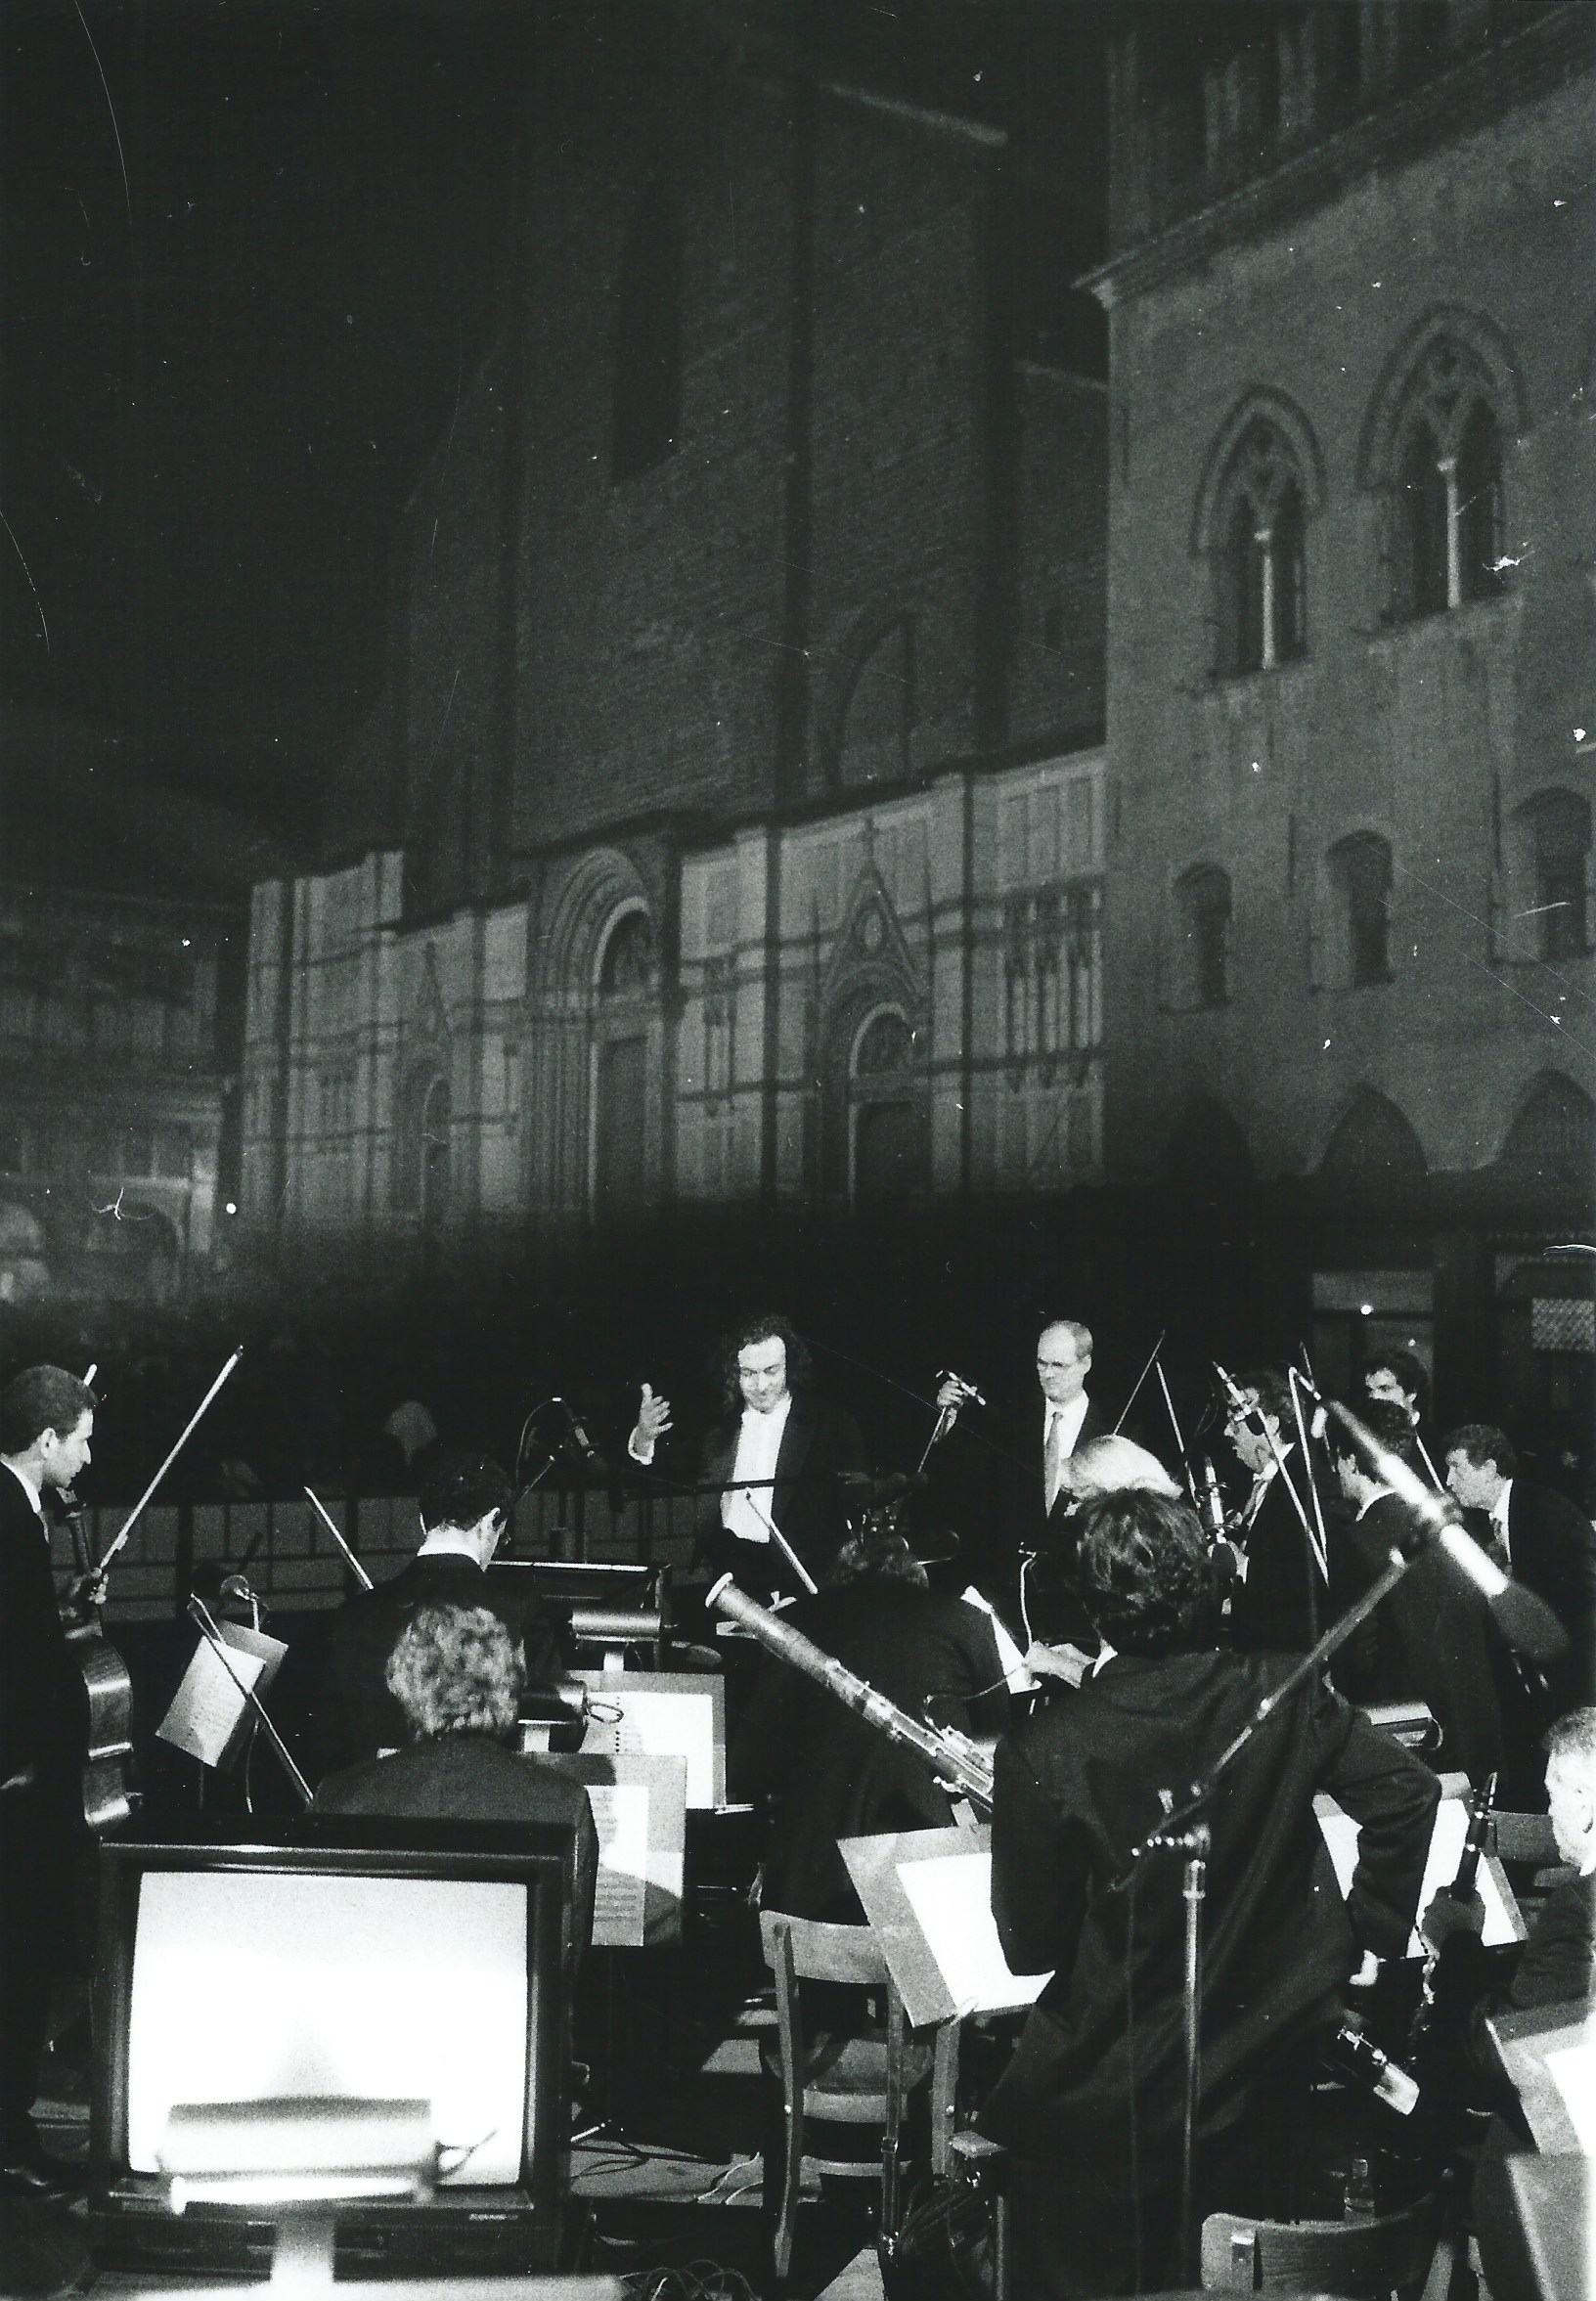 ALBERTO CAPRIOLI CONDUCTING THE ORCHESTRA DEL TEATRO COMUNALE DI BOLOGNA, PIAZZA MAGGIORE, JULY 1998 © PRIMO GNANI